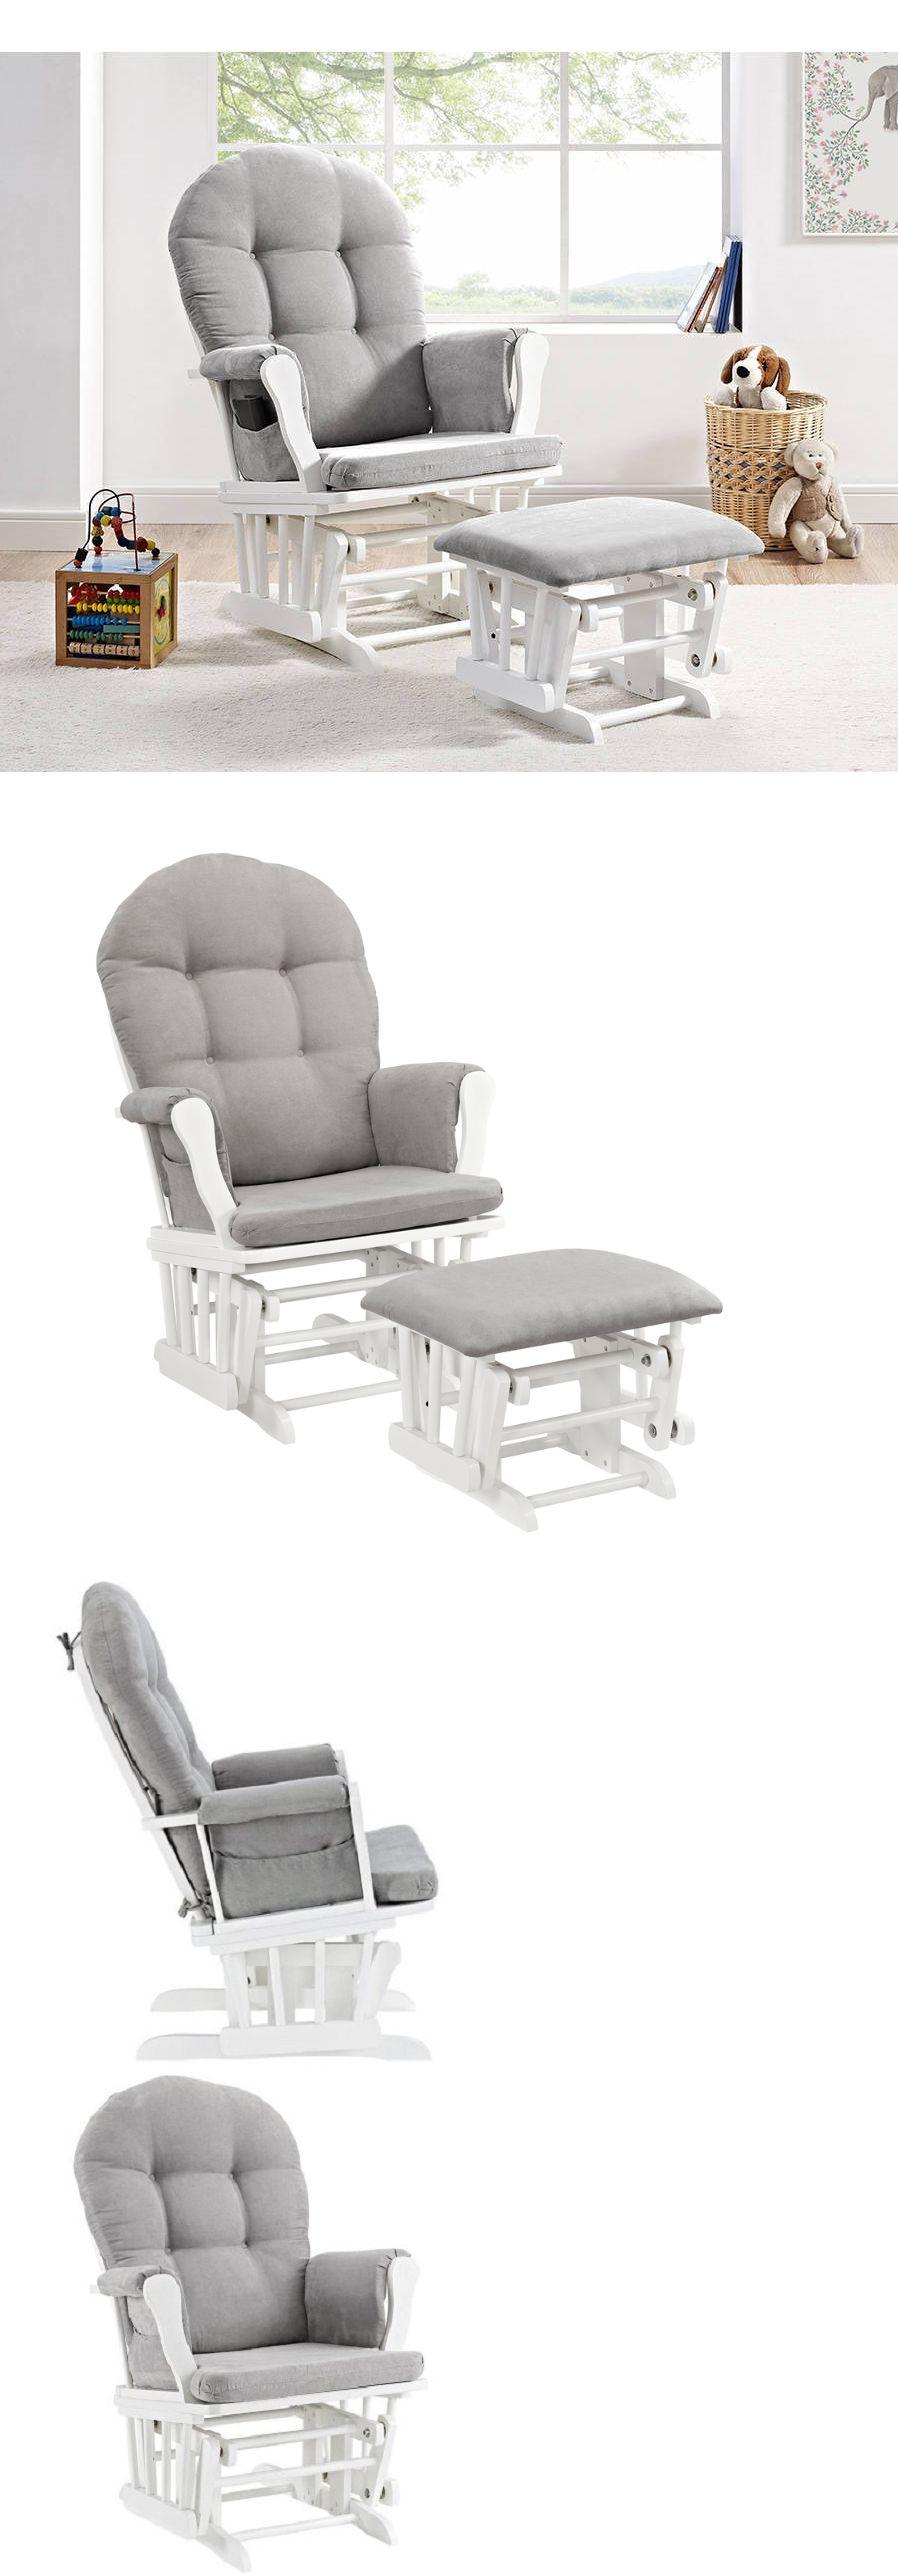 Phenomenal Rockers Gliders 66690 Glider Rocker Nursery Rocking Chair Machost Co Dining Chair Design Ideas Machostcouk